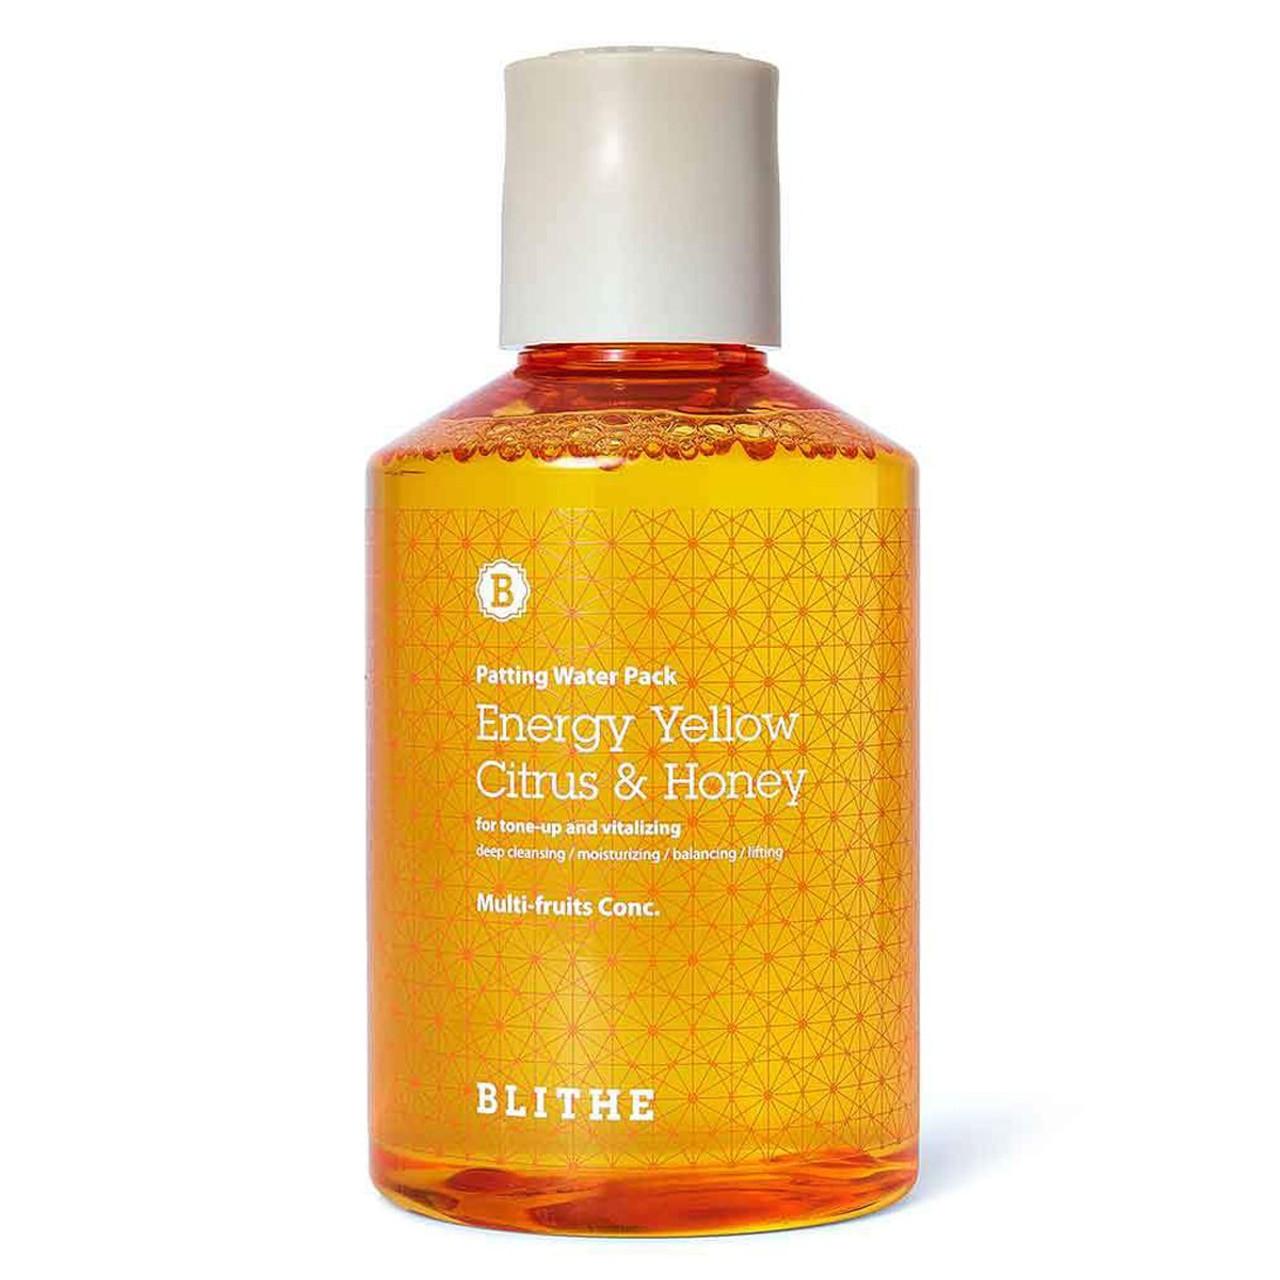 Blithe Patting Splash Mask Energy Yellow Citrus & Honey